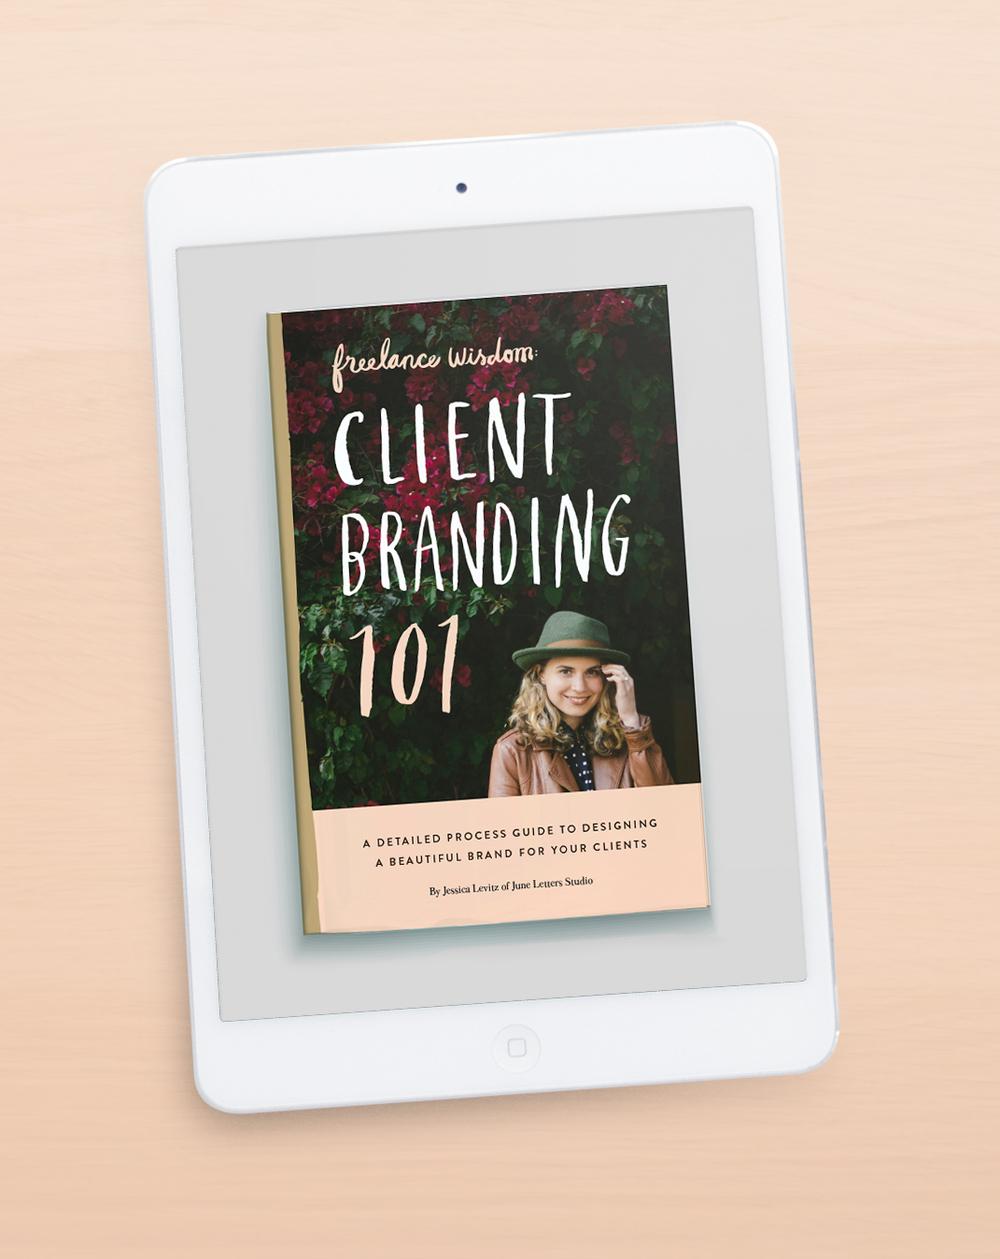 ClientBranding101_Cover_JuneLettersStudio-ipad.jpg